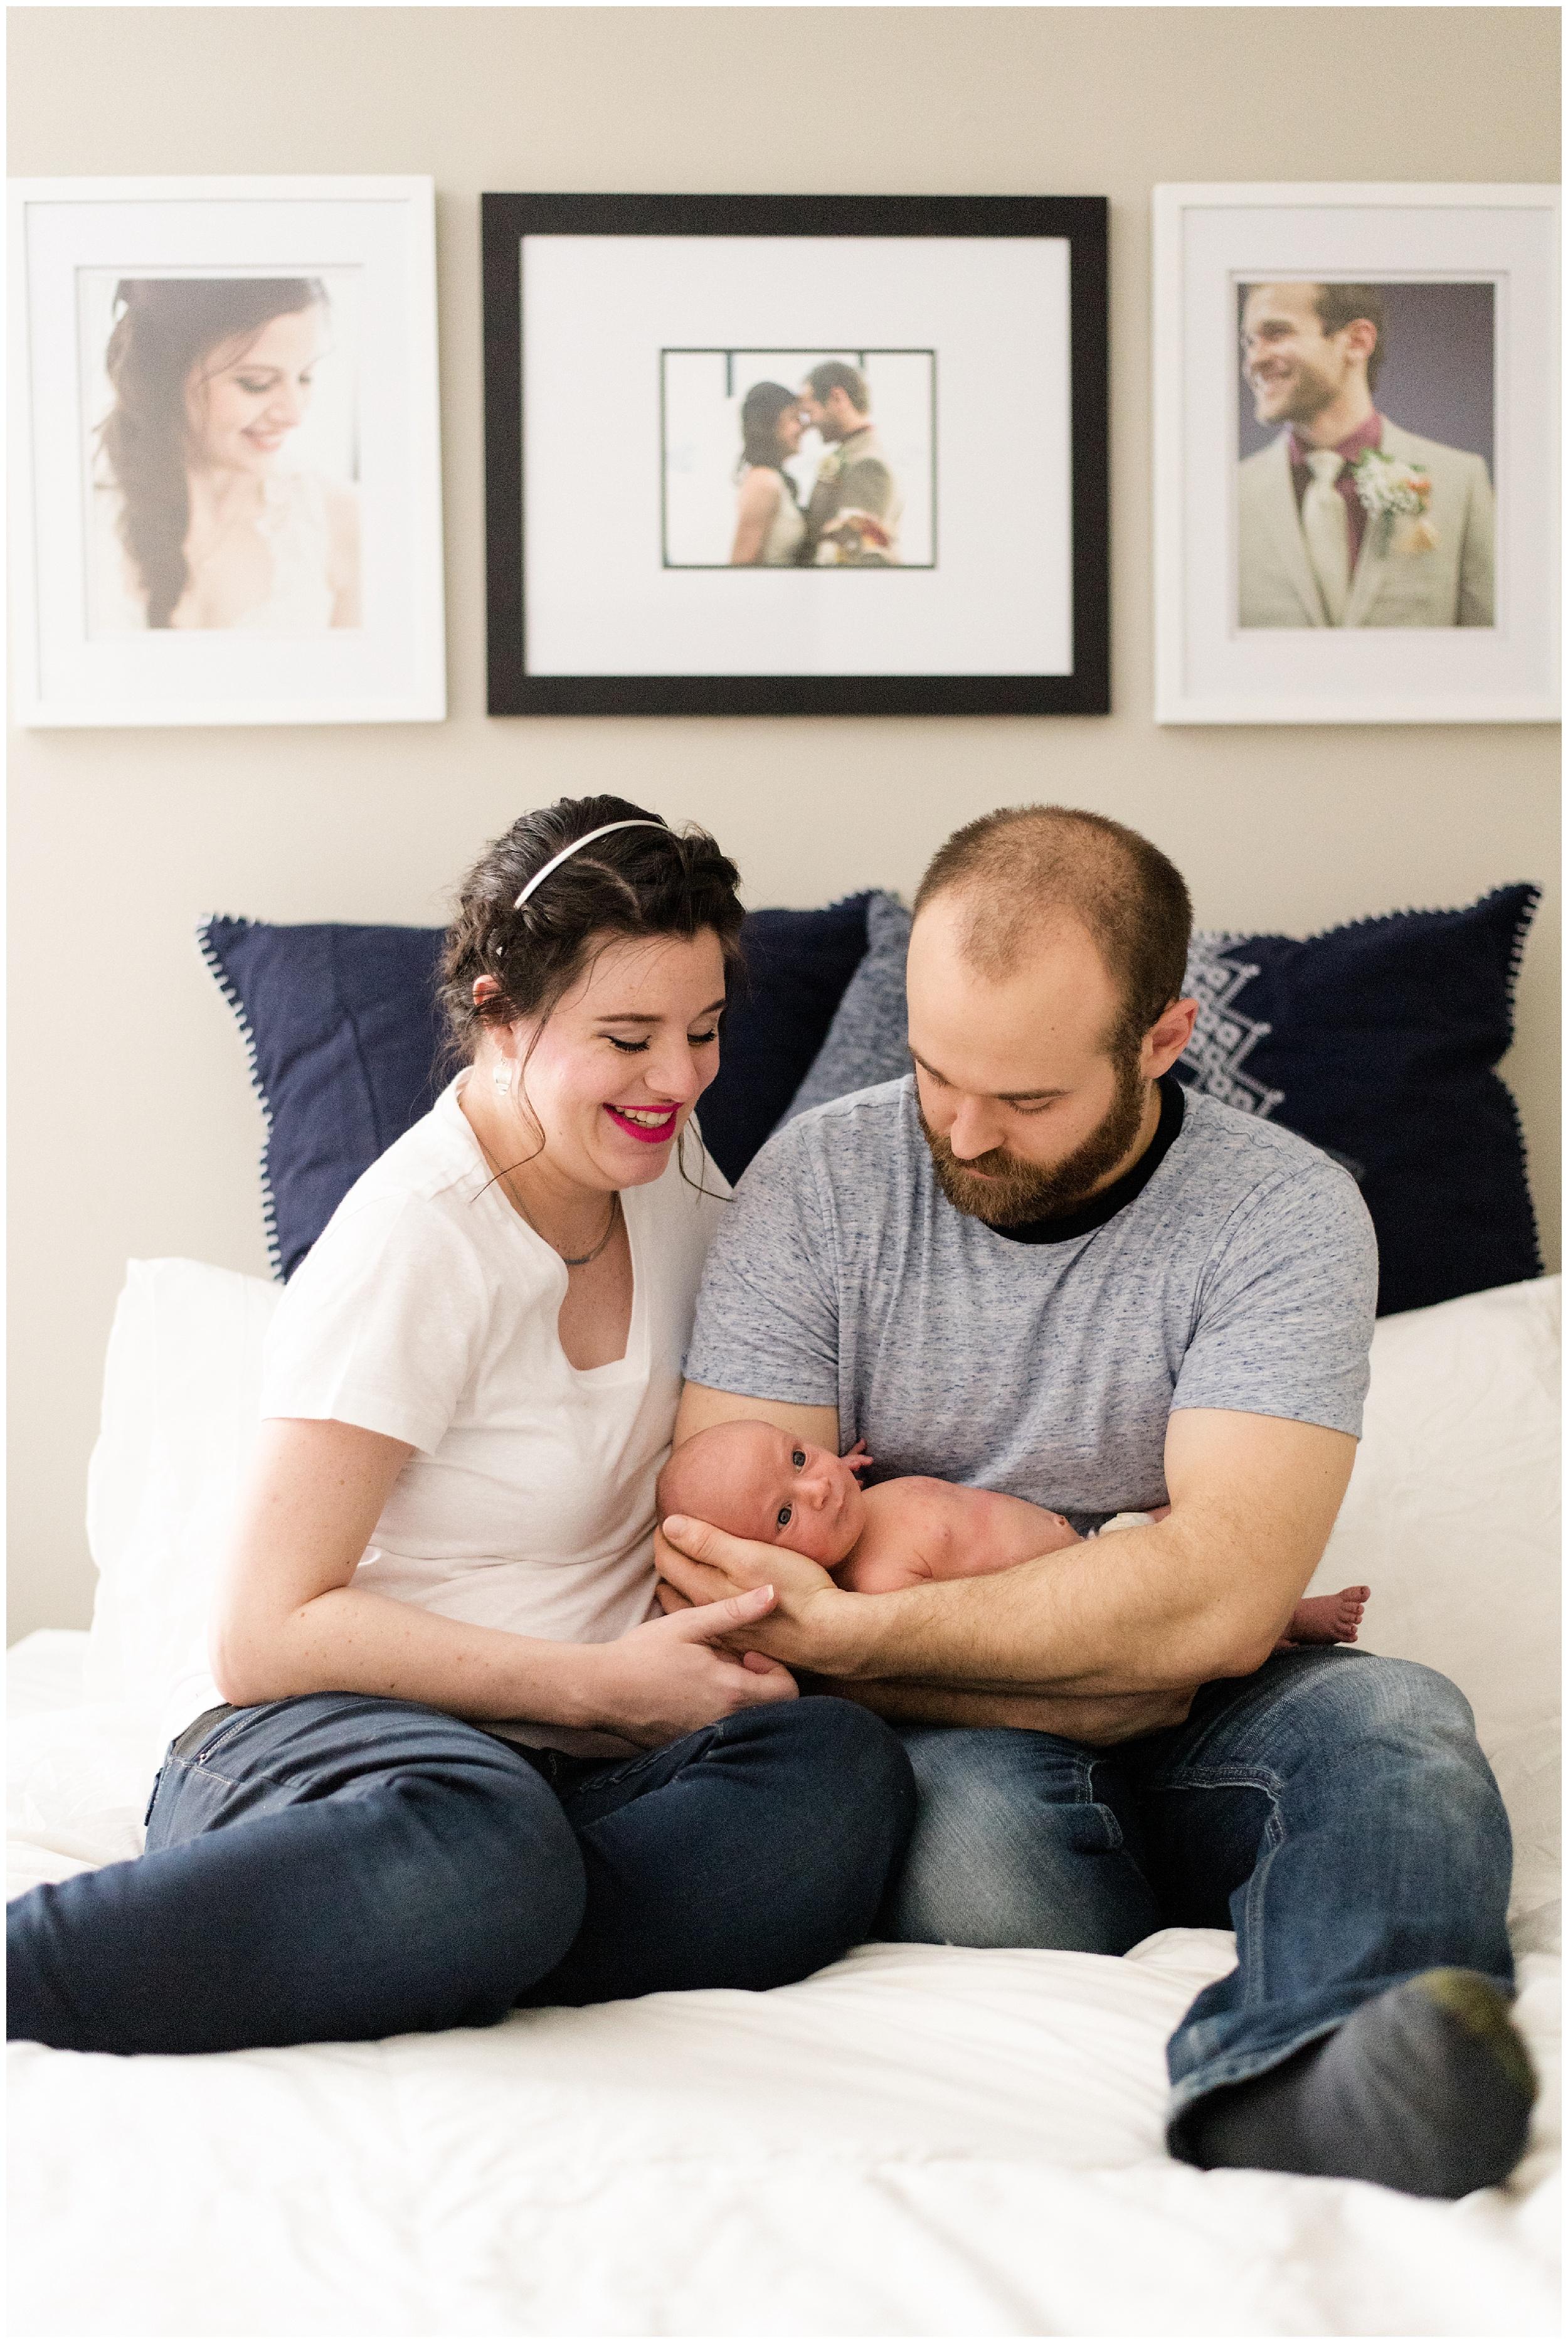 Milwaukee_Waukesha_Lifestyle_Newborn_Photography_birth_photographer_0032.jpg